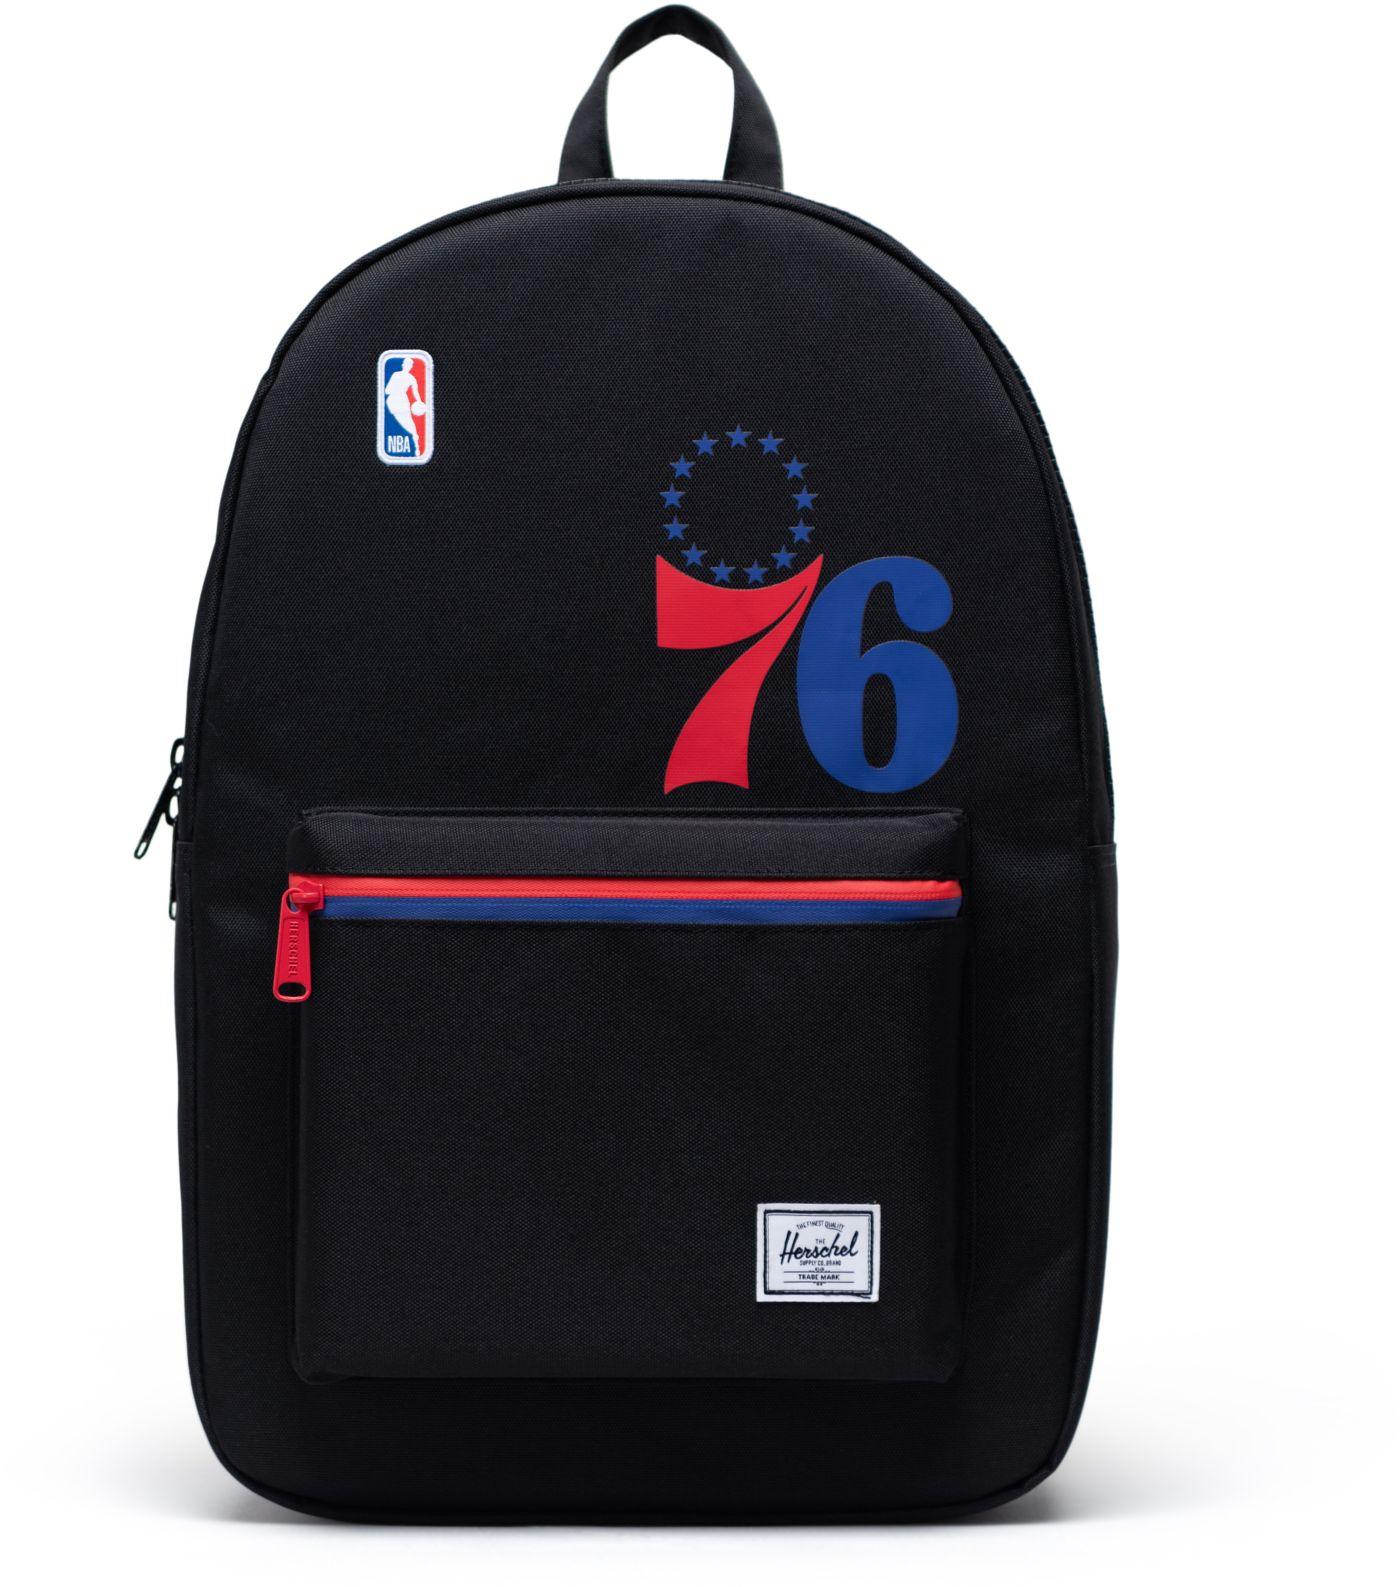 Herschel Philadelphia 76ers Black Settlement Backpack